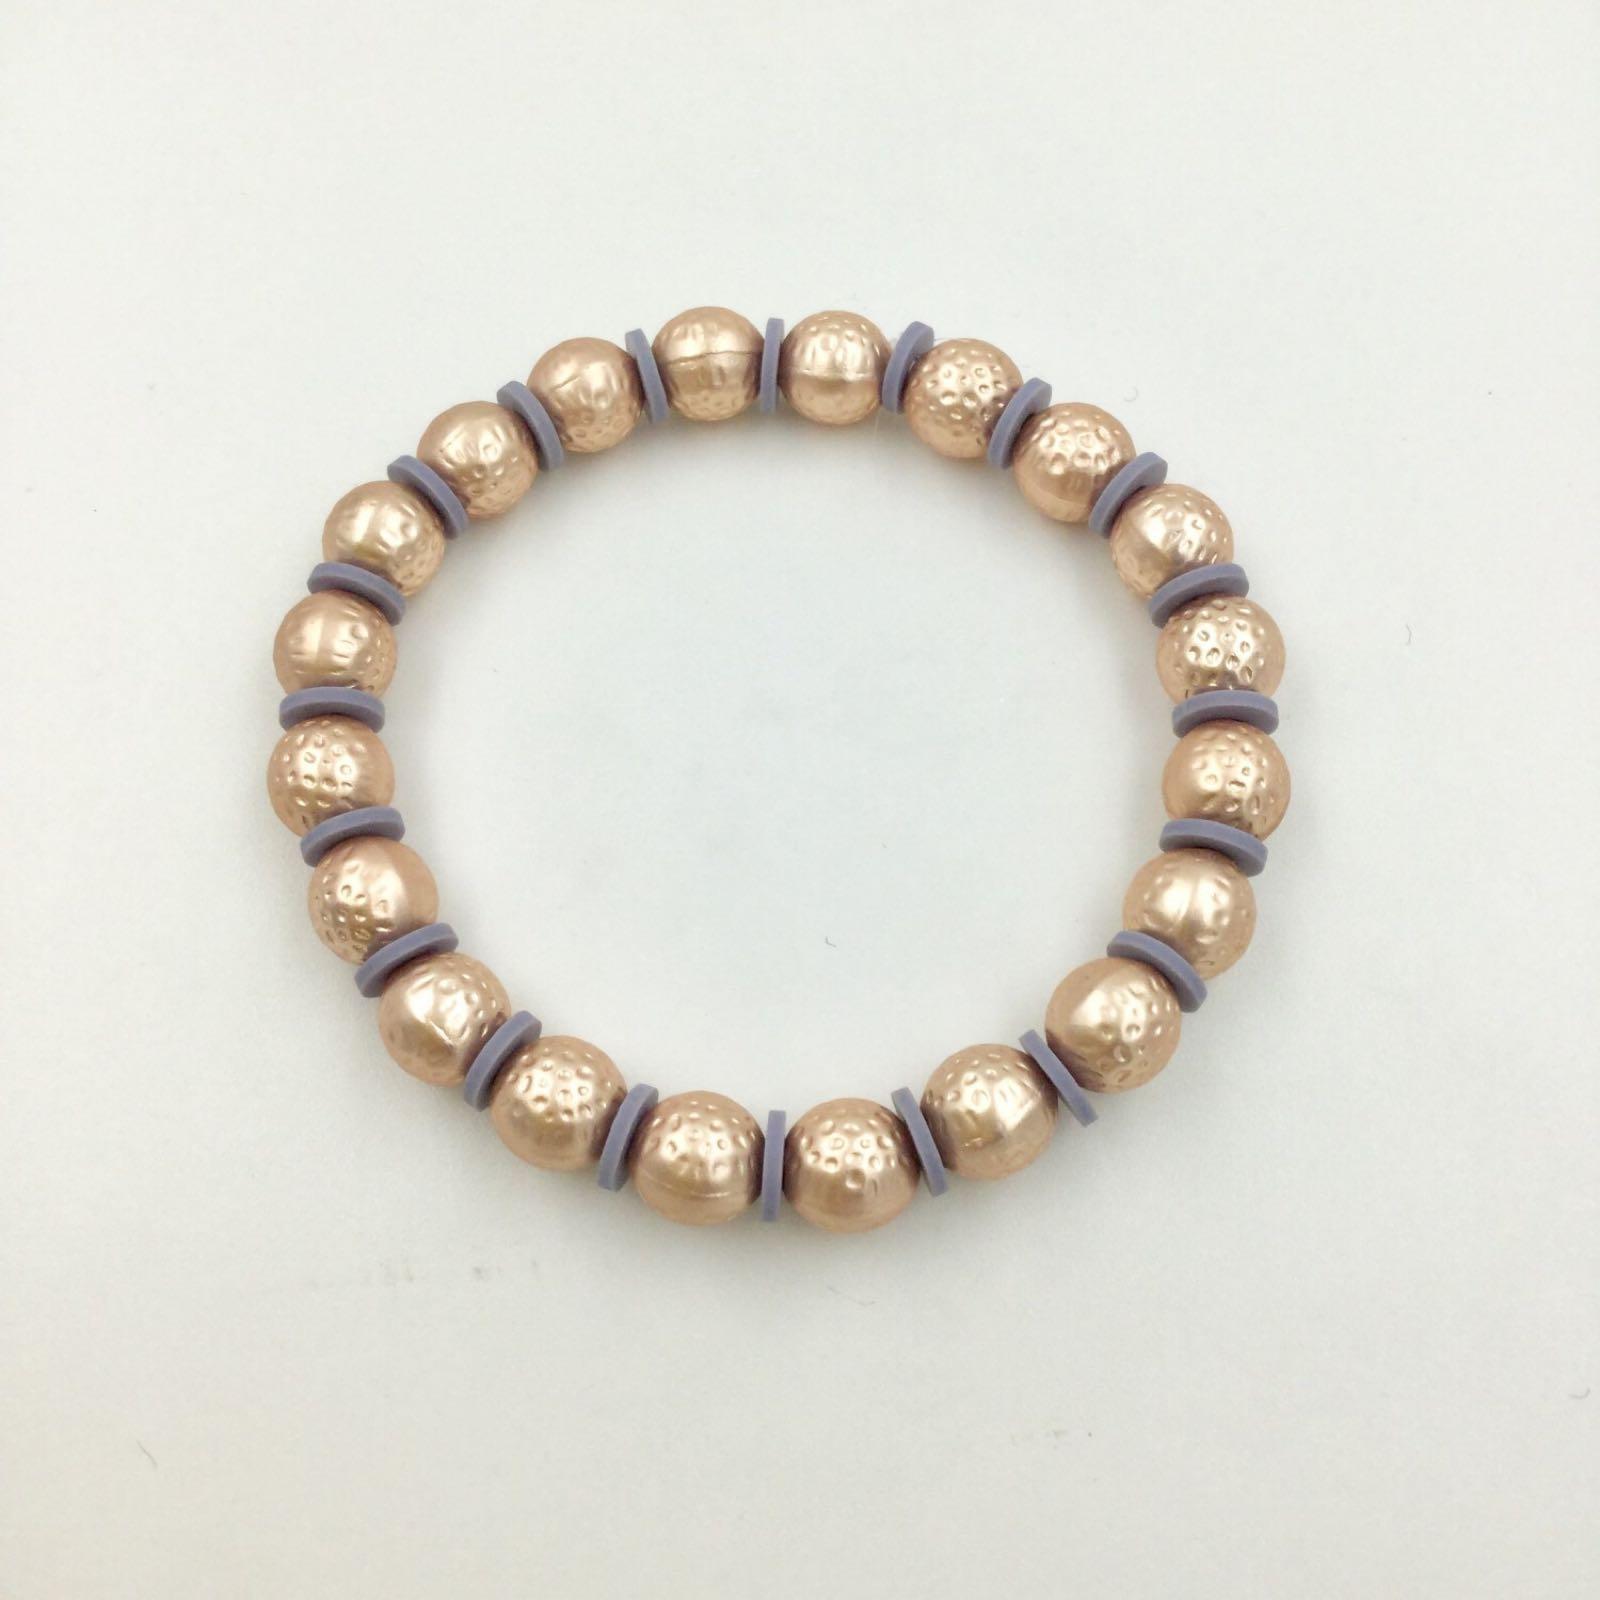 Elasticated Hammered Ball Bracelet - Rose Gold